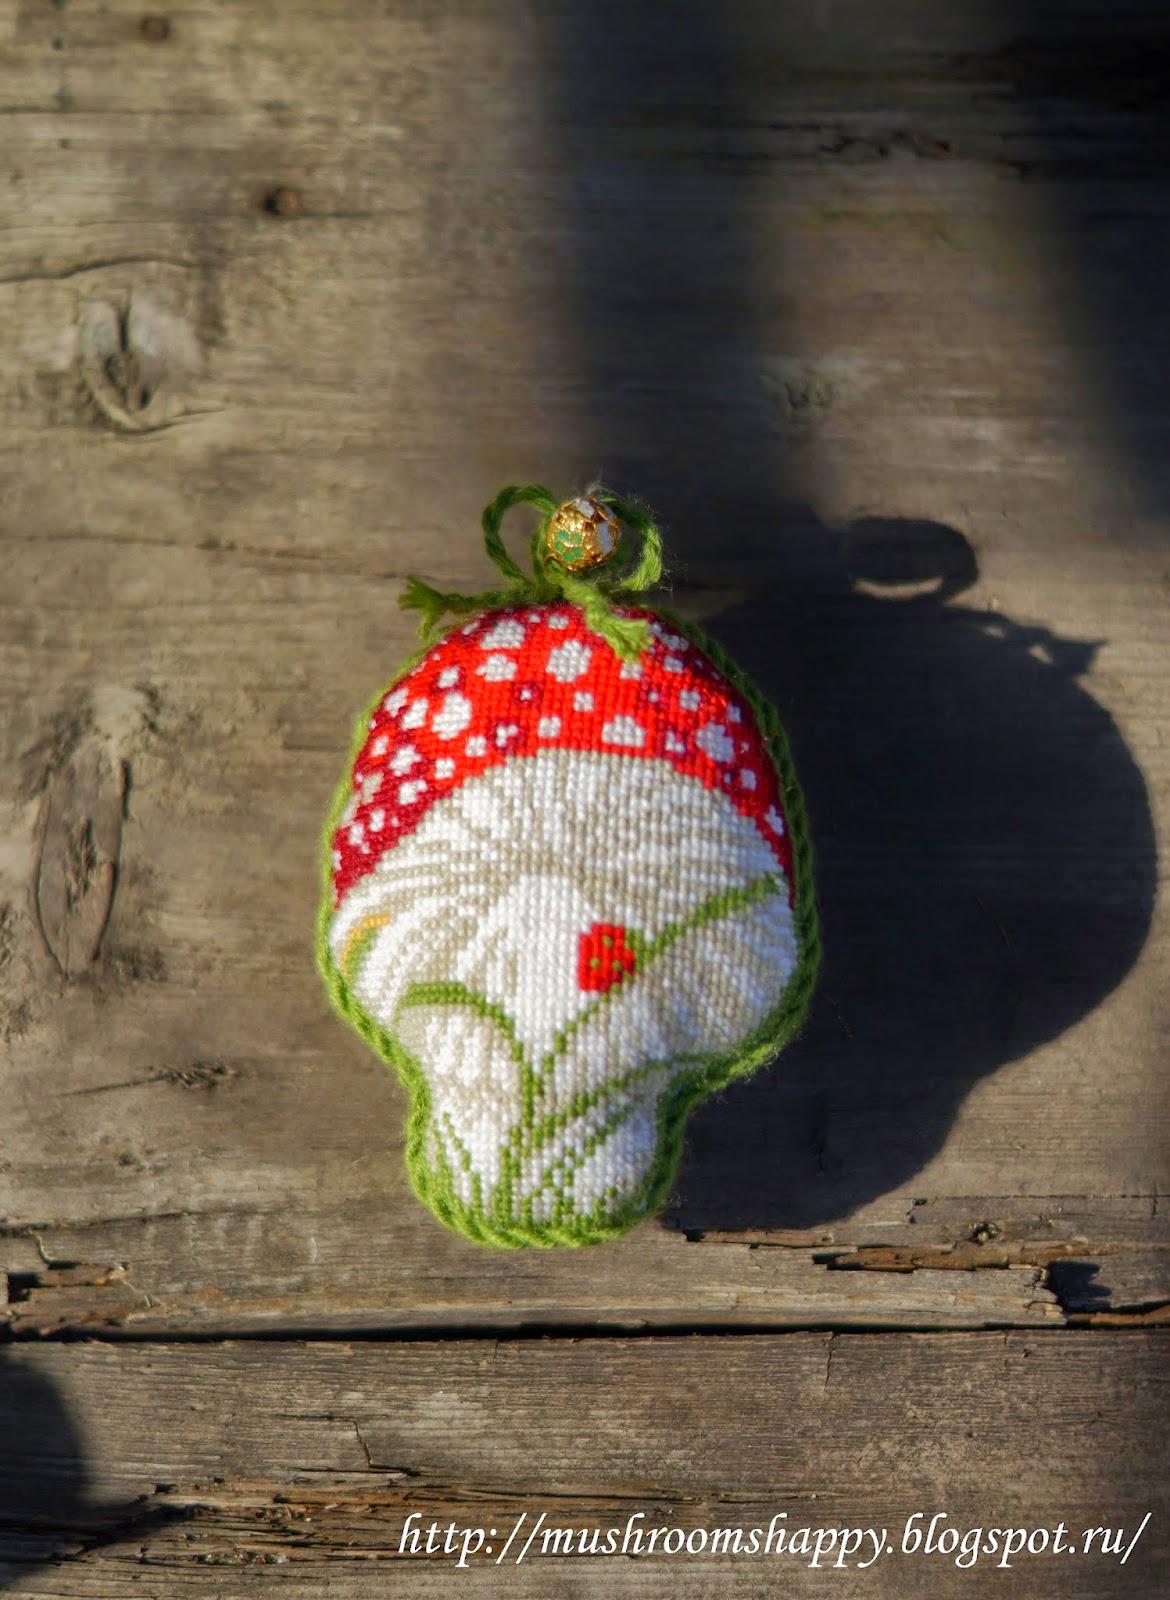 fairy-mushroom, amanita, toadstool